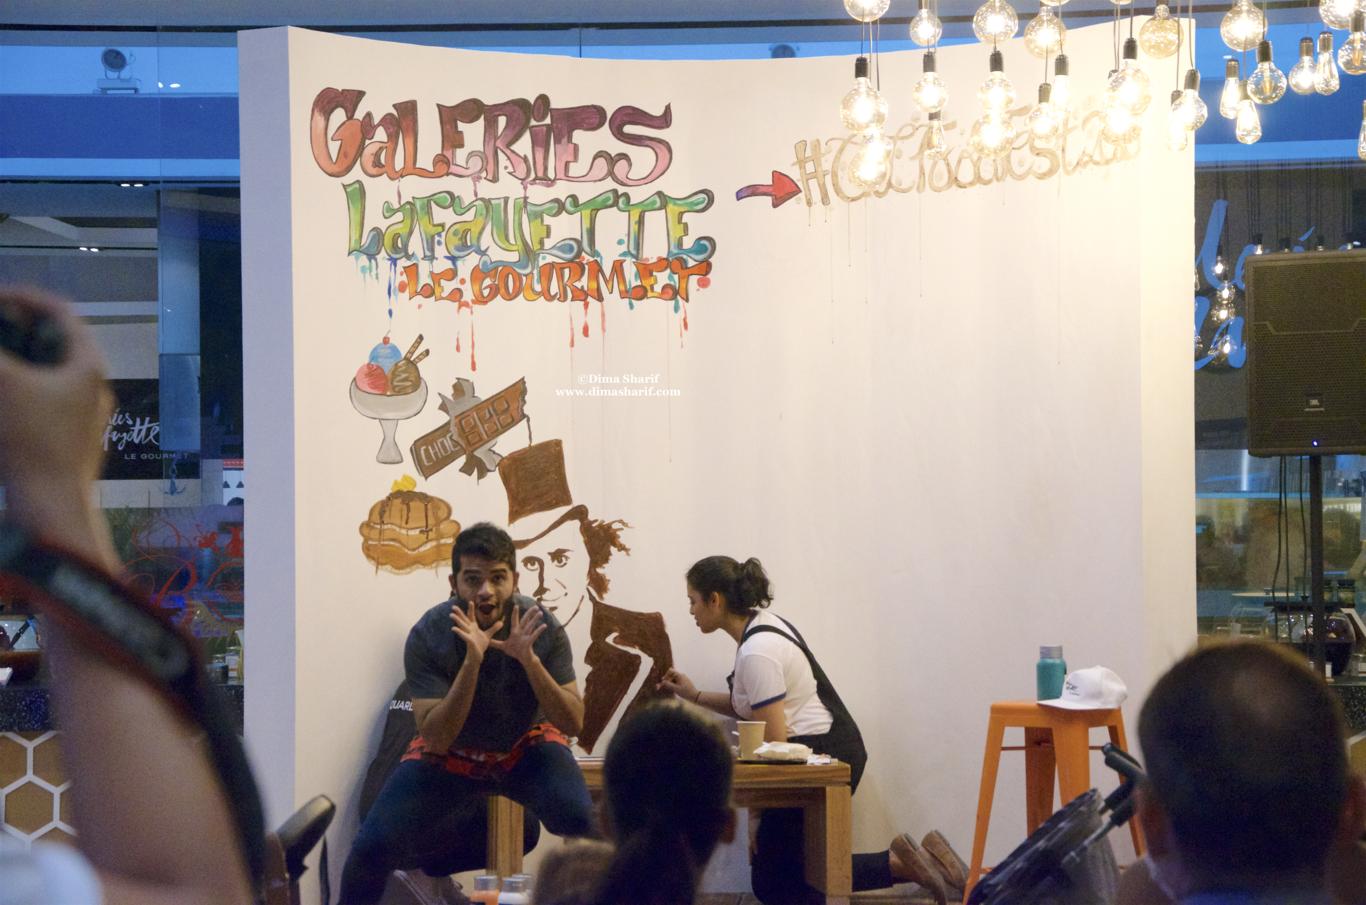 Palestinian Street Food at Galeries Lafayette – Dima Al Sharif